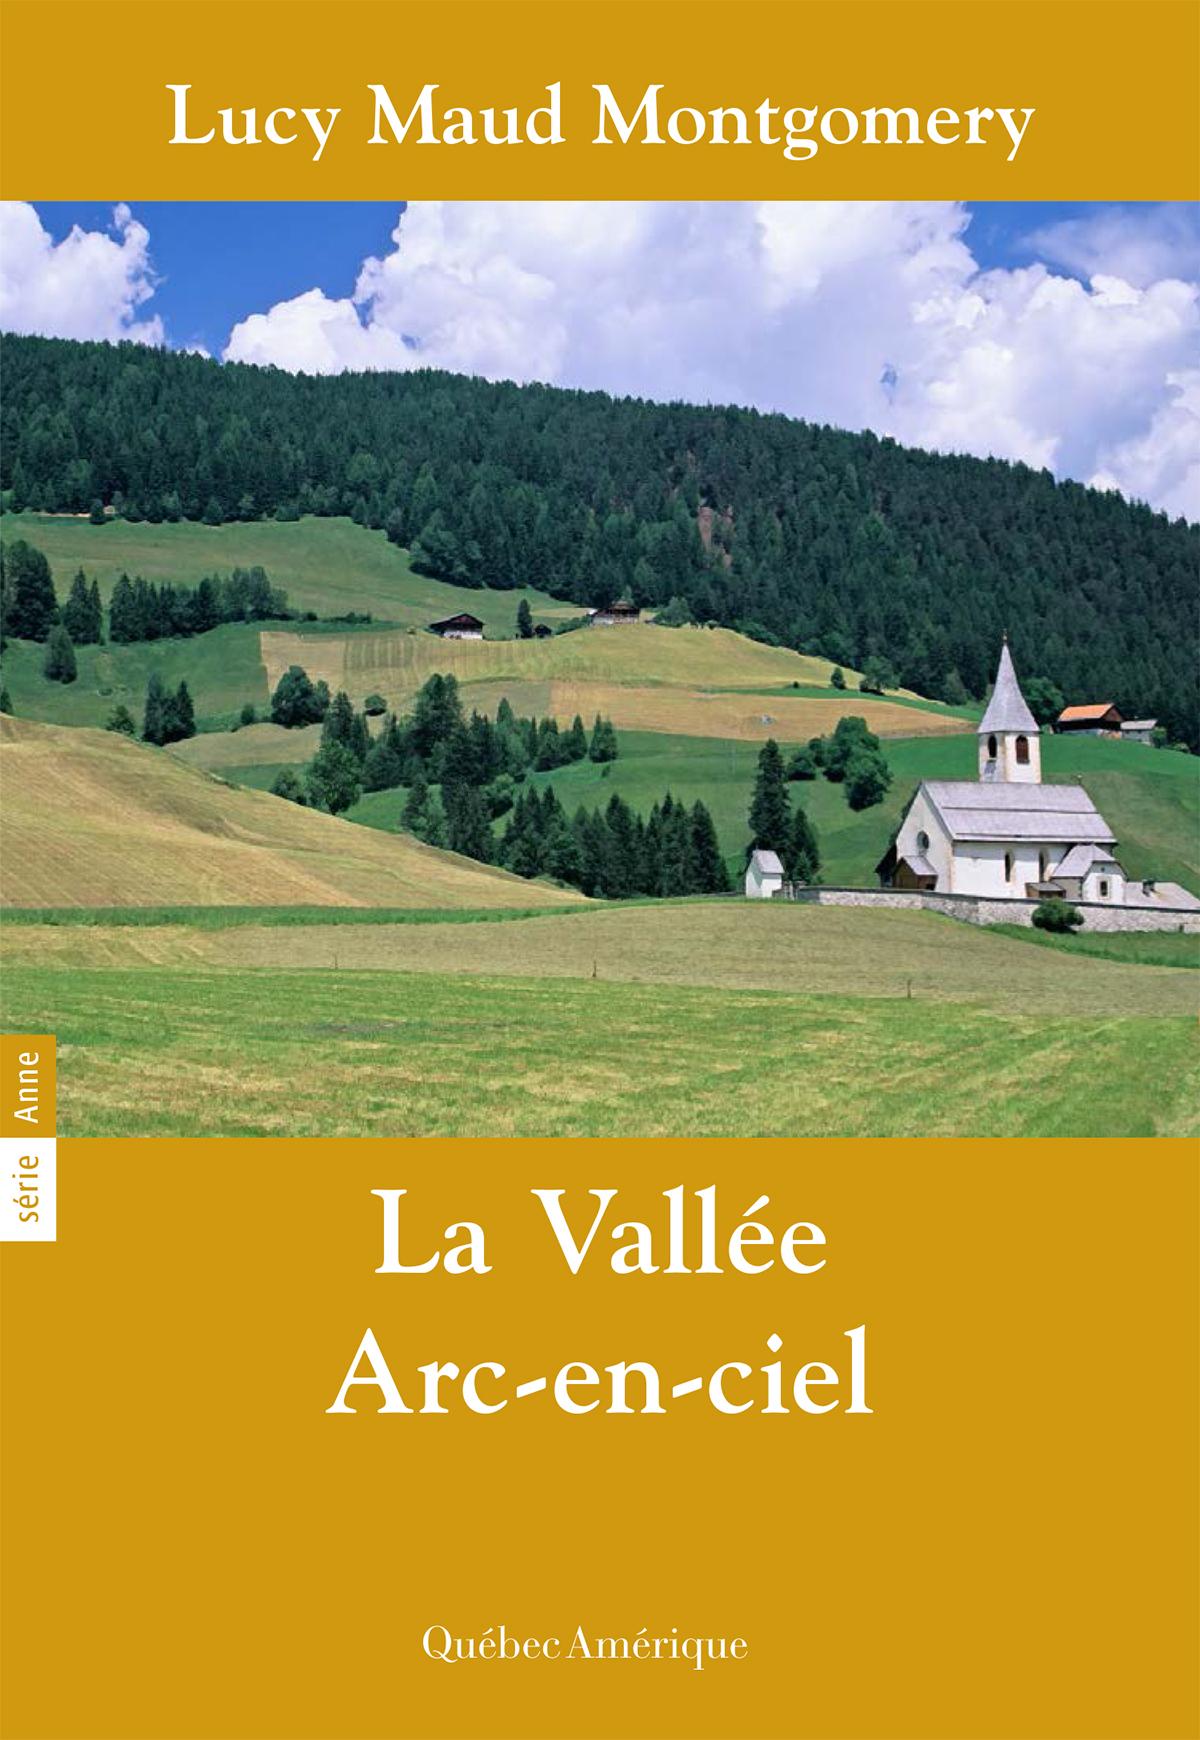 Anne 07 - La Vallée Arc-en-ciel